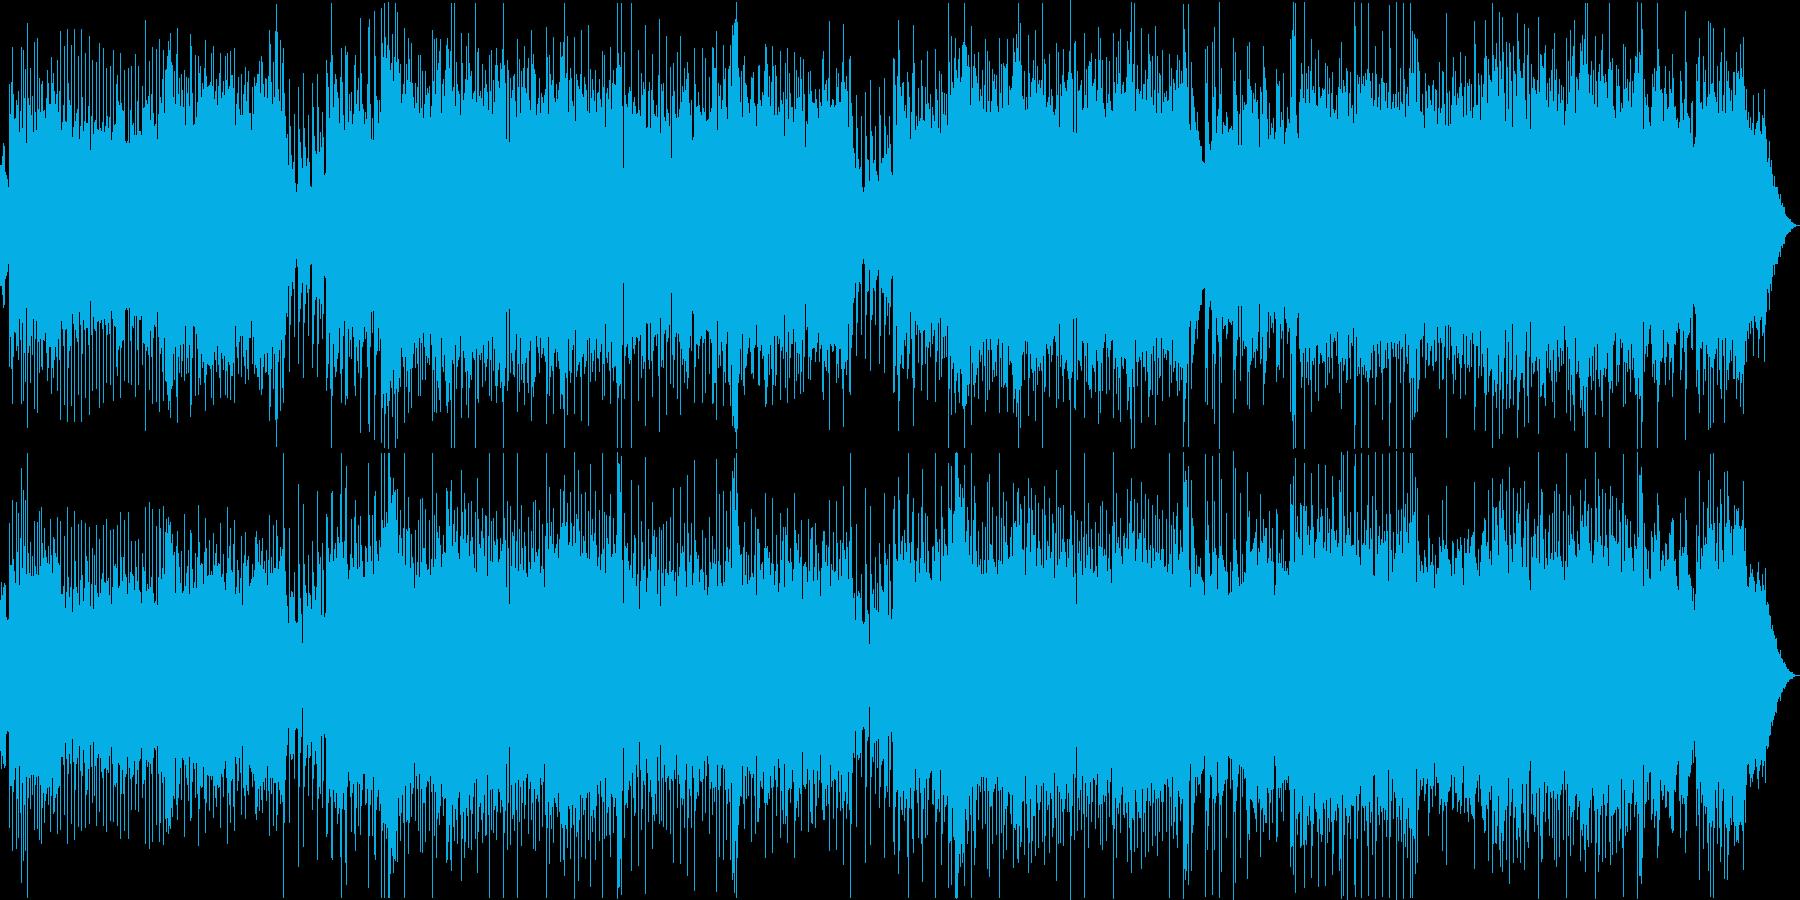 オーケストラピアノ爽やかBGM企業VPの再生済みの波形